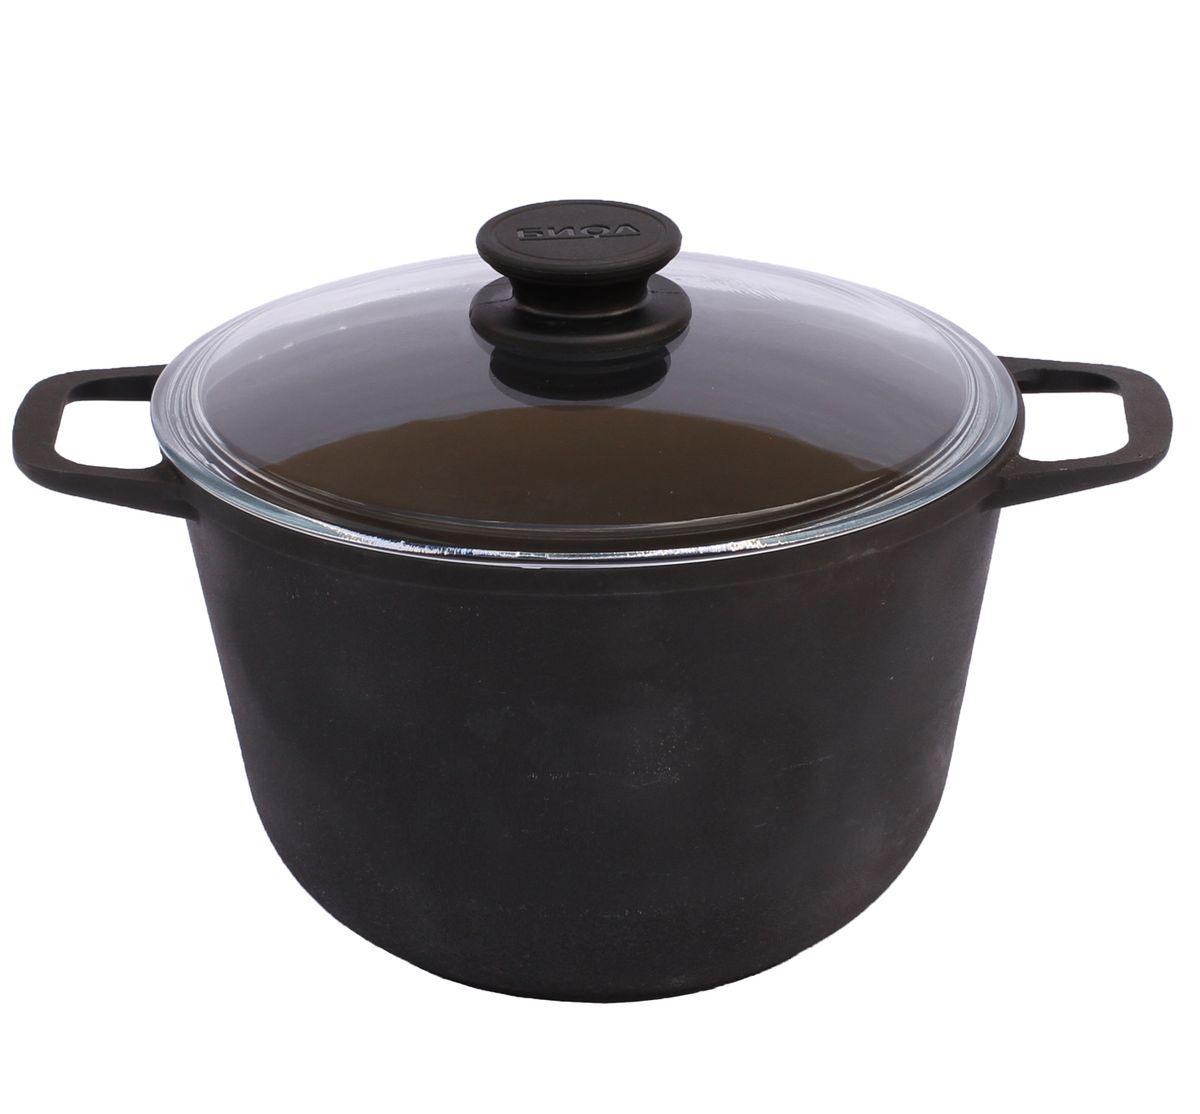 Кастрюля чугунная Биол с крышкой, 6 л кастрюли биол набор посуды 260 3 кастрюля 5 л и сковорода 26 см со стекл крышкой биол